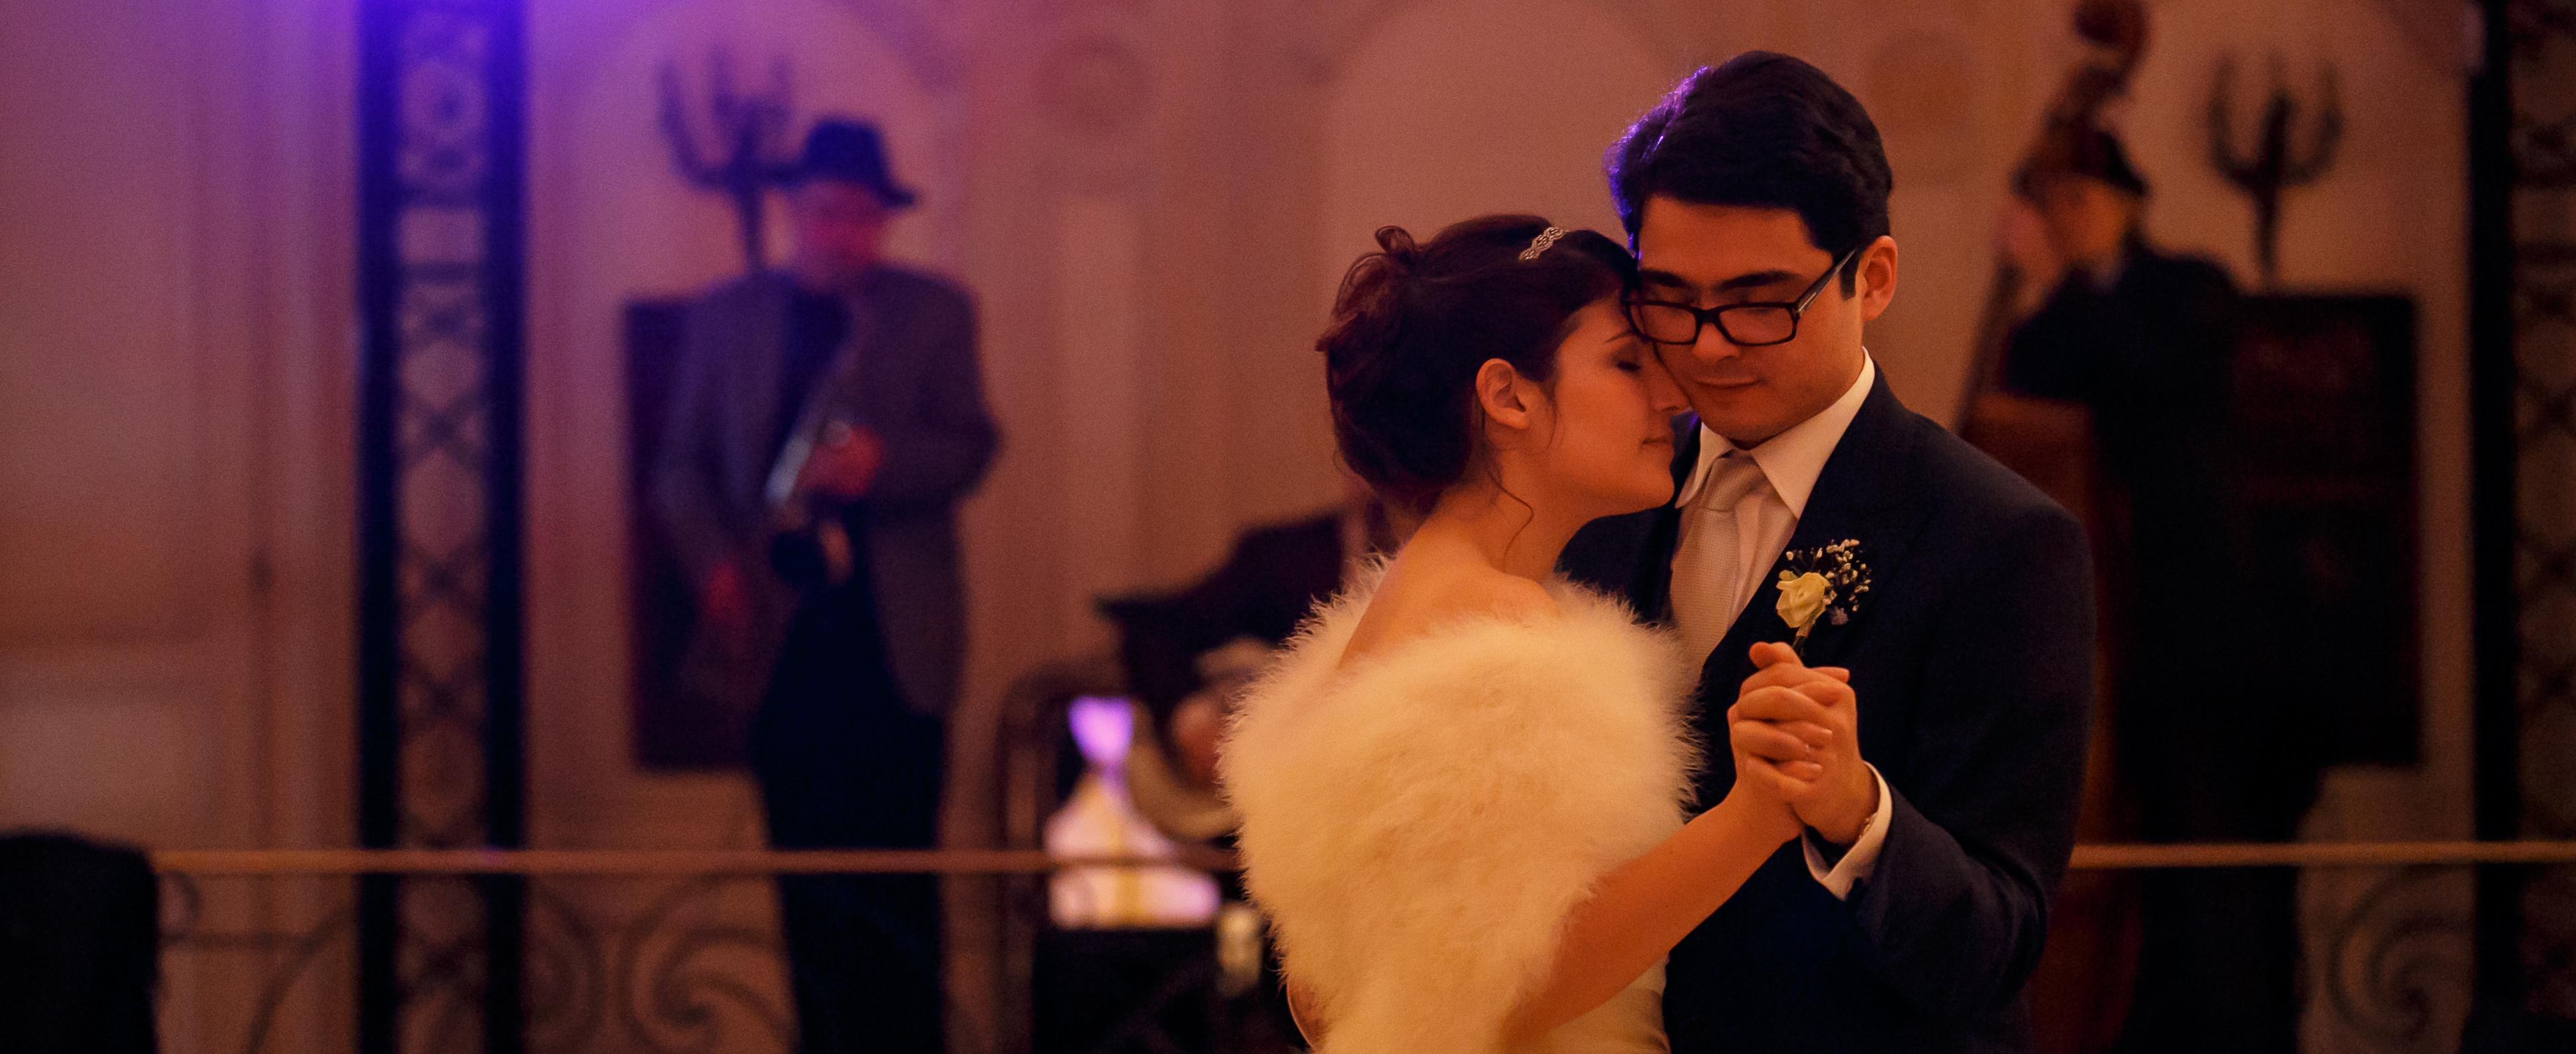 Mon mariage d'hiver à gros budget – le dîner, nos 2 gâteaux et la soirée dansante